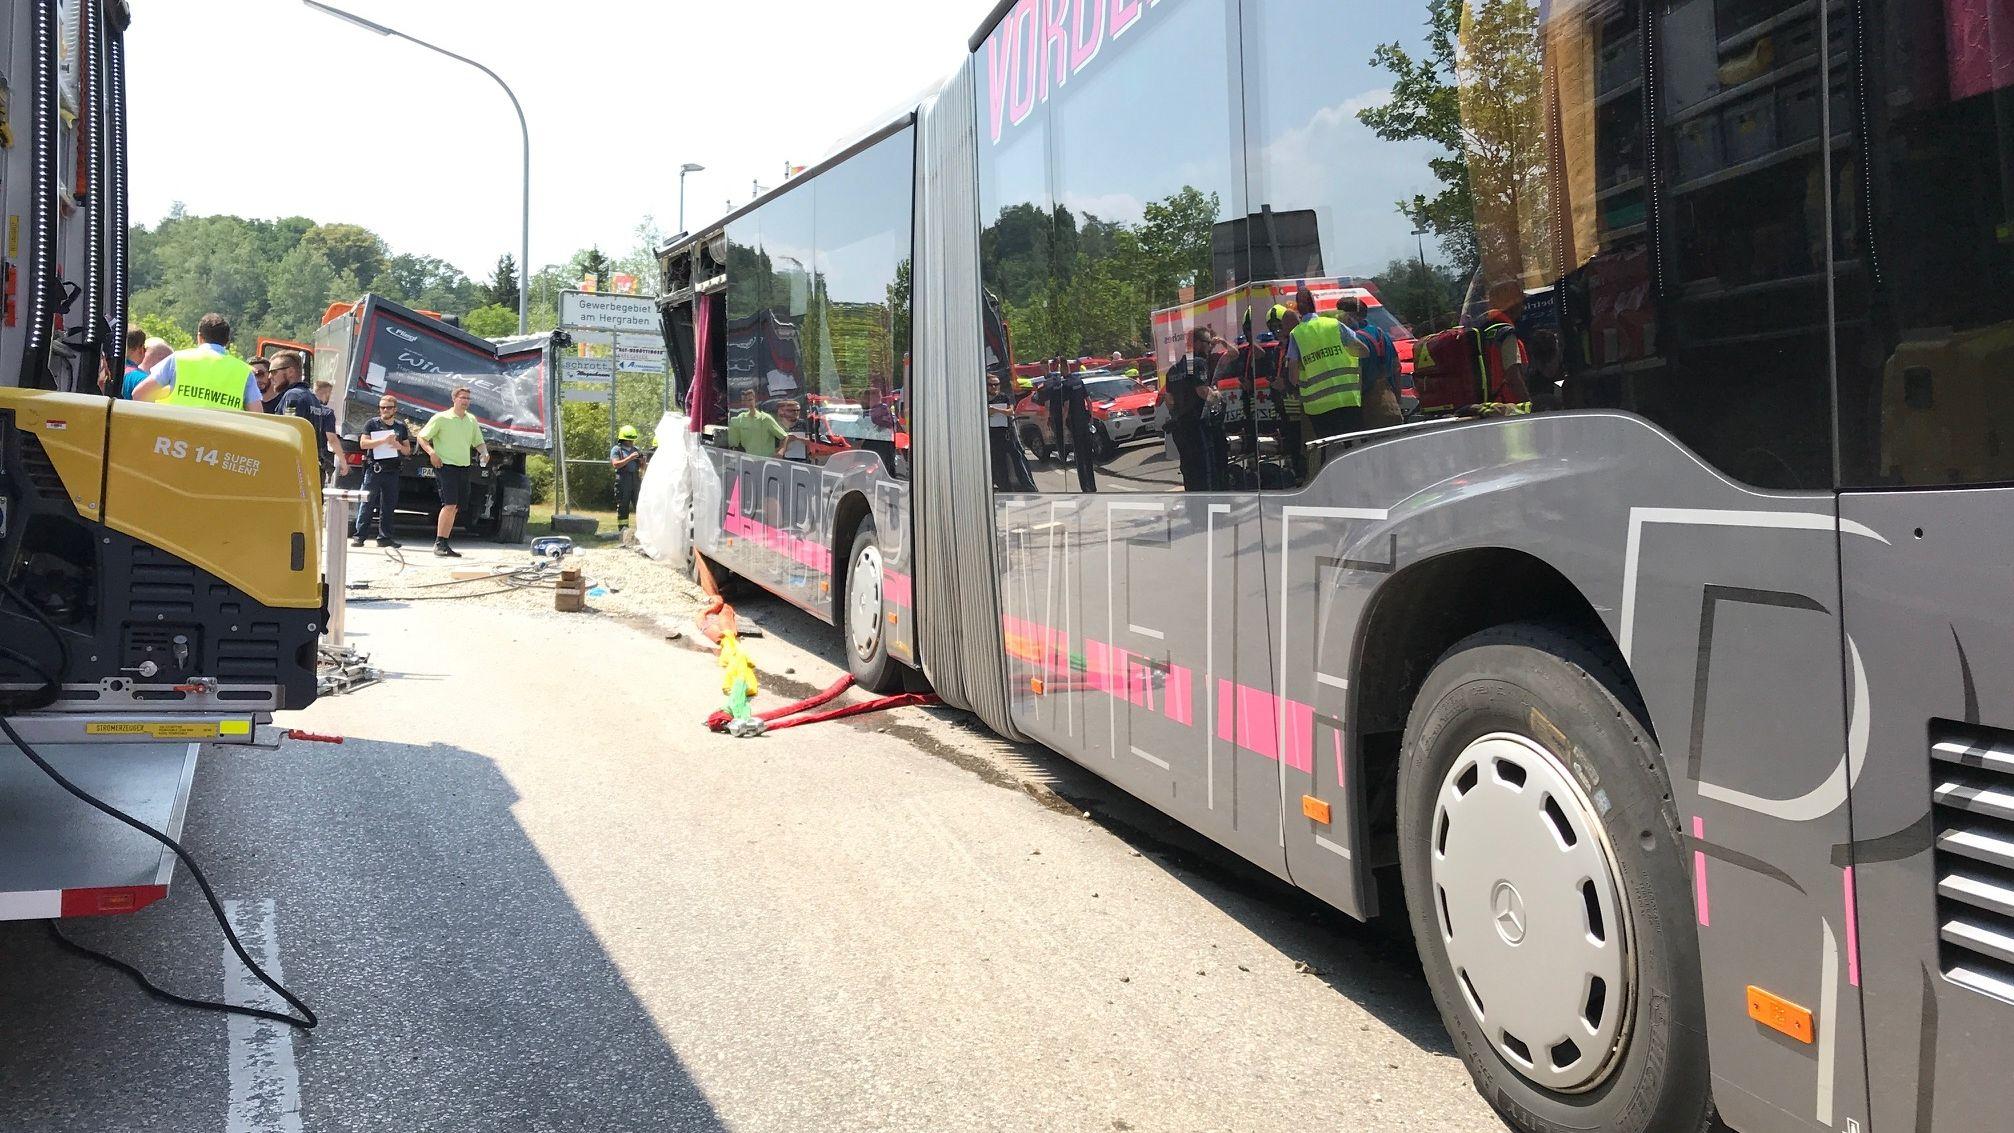 Der Schulbus war aus noch ungeklärter Ursache auf einen Kieslaster aufgefahren.